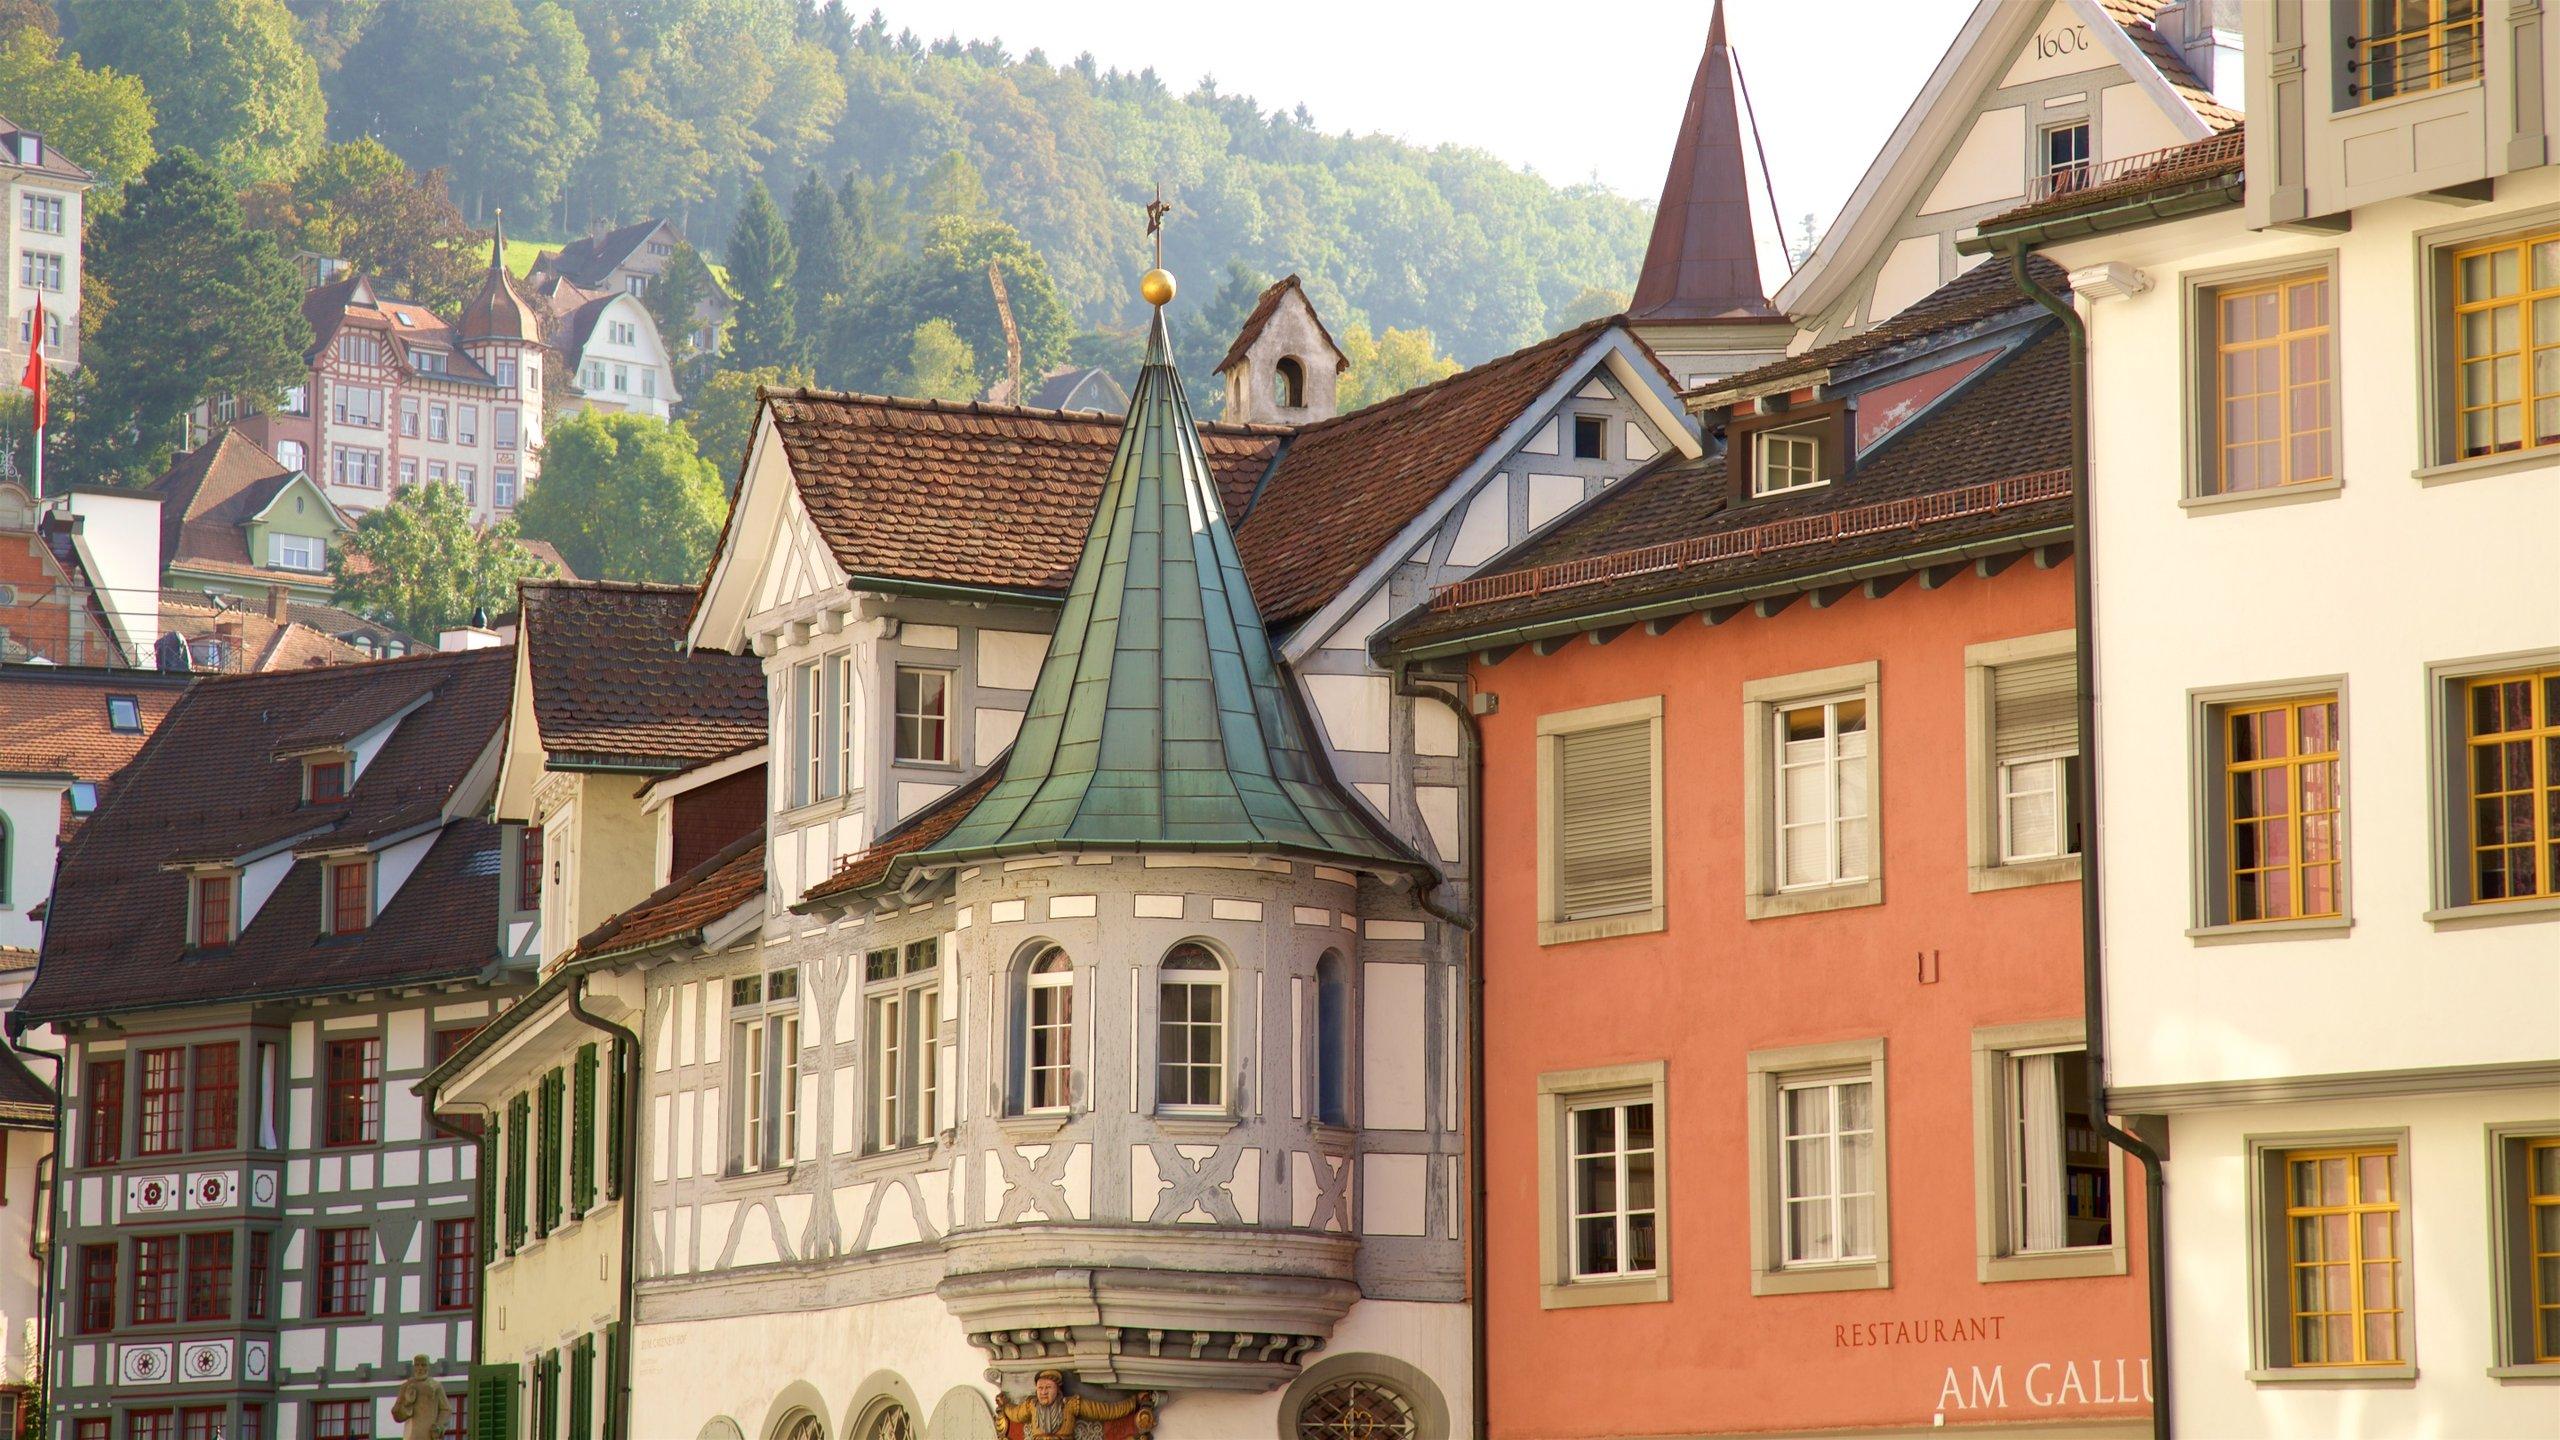 St. Gallen, Canton of St. Gallen, Switzerland